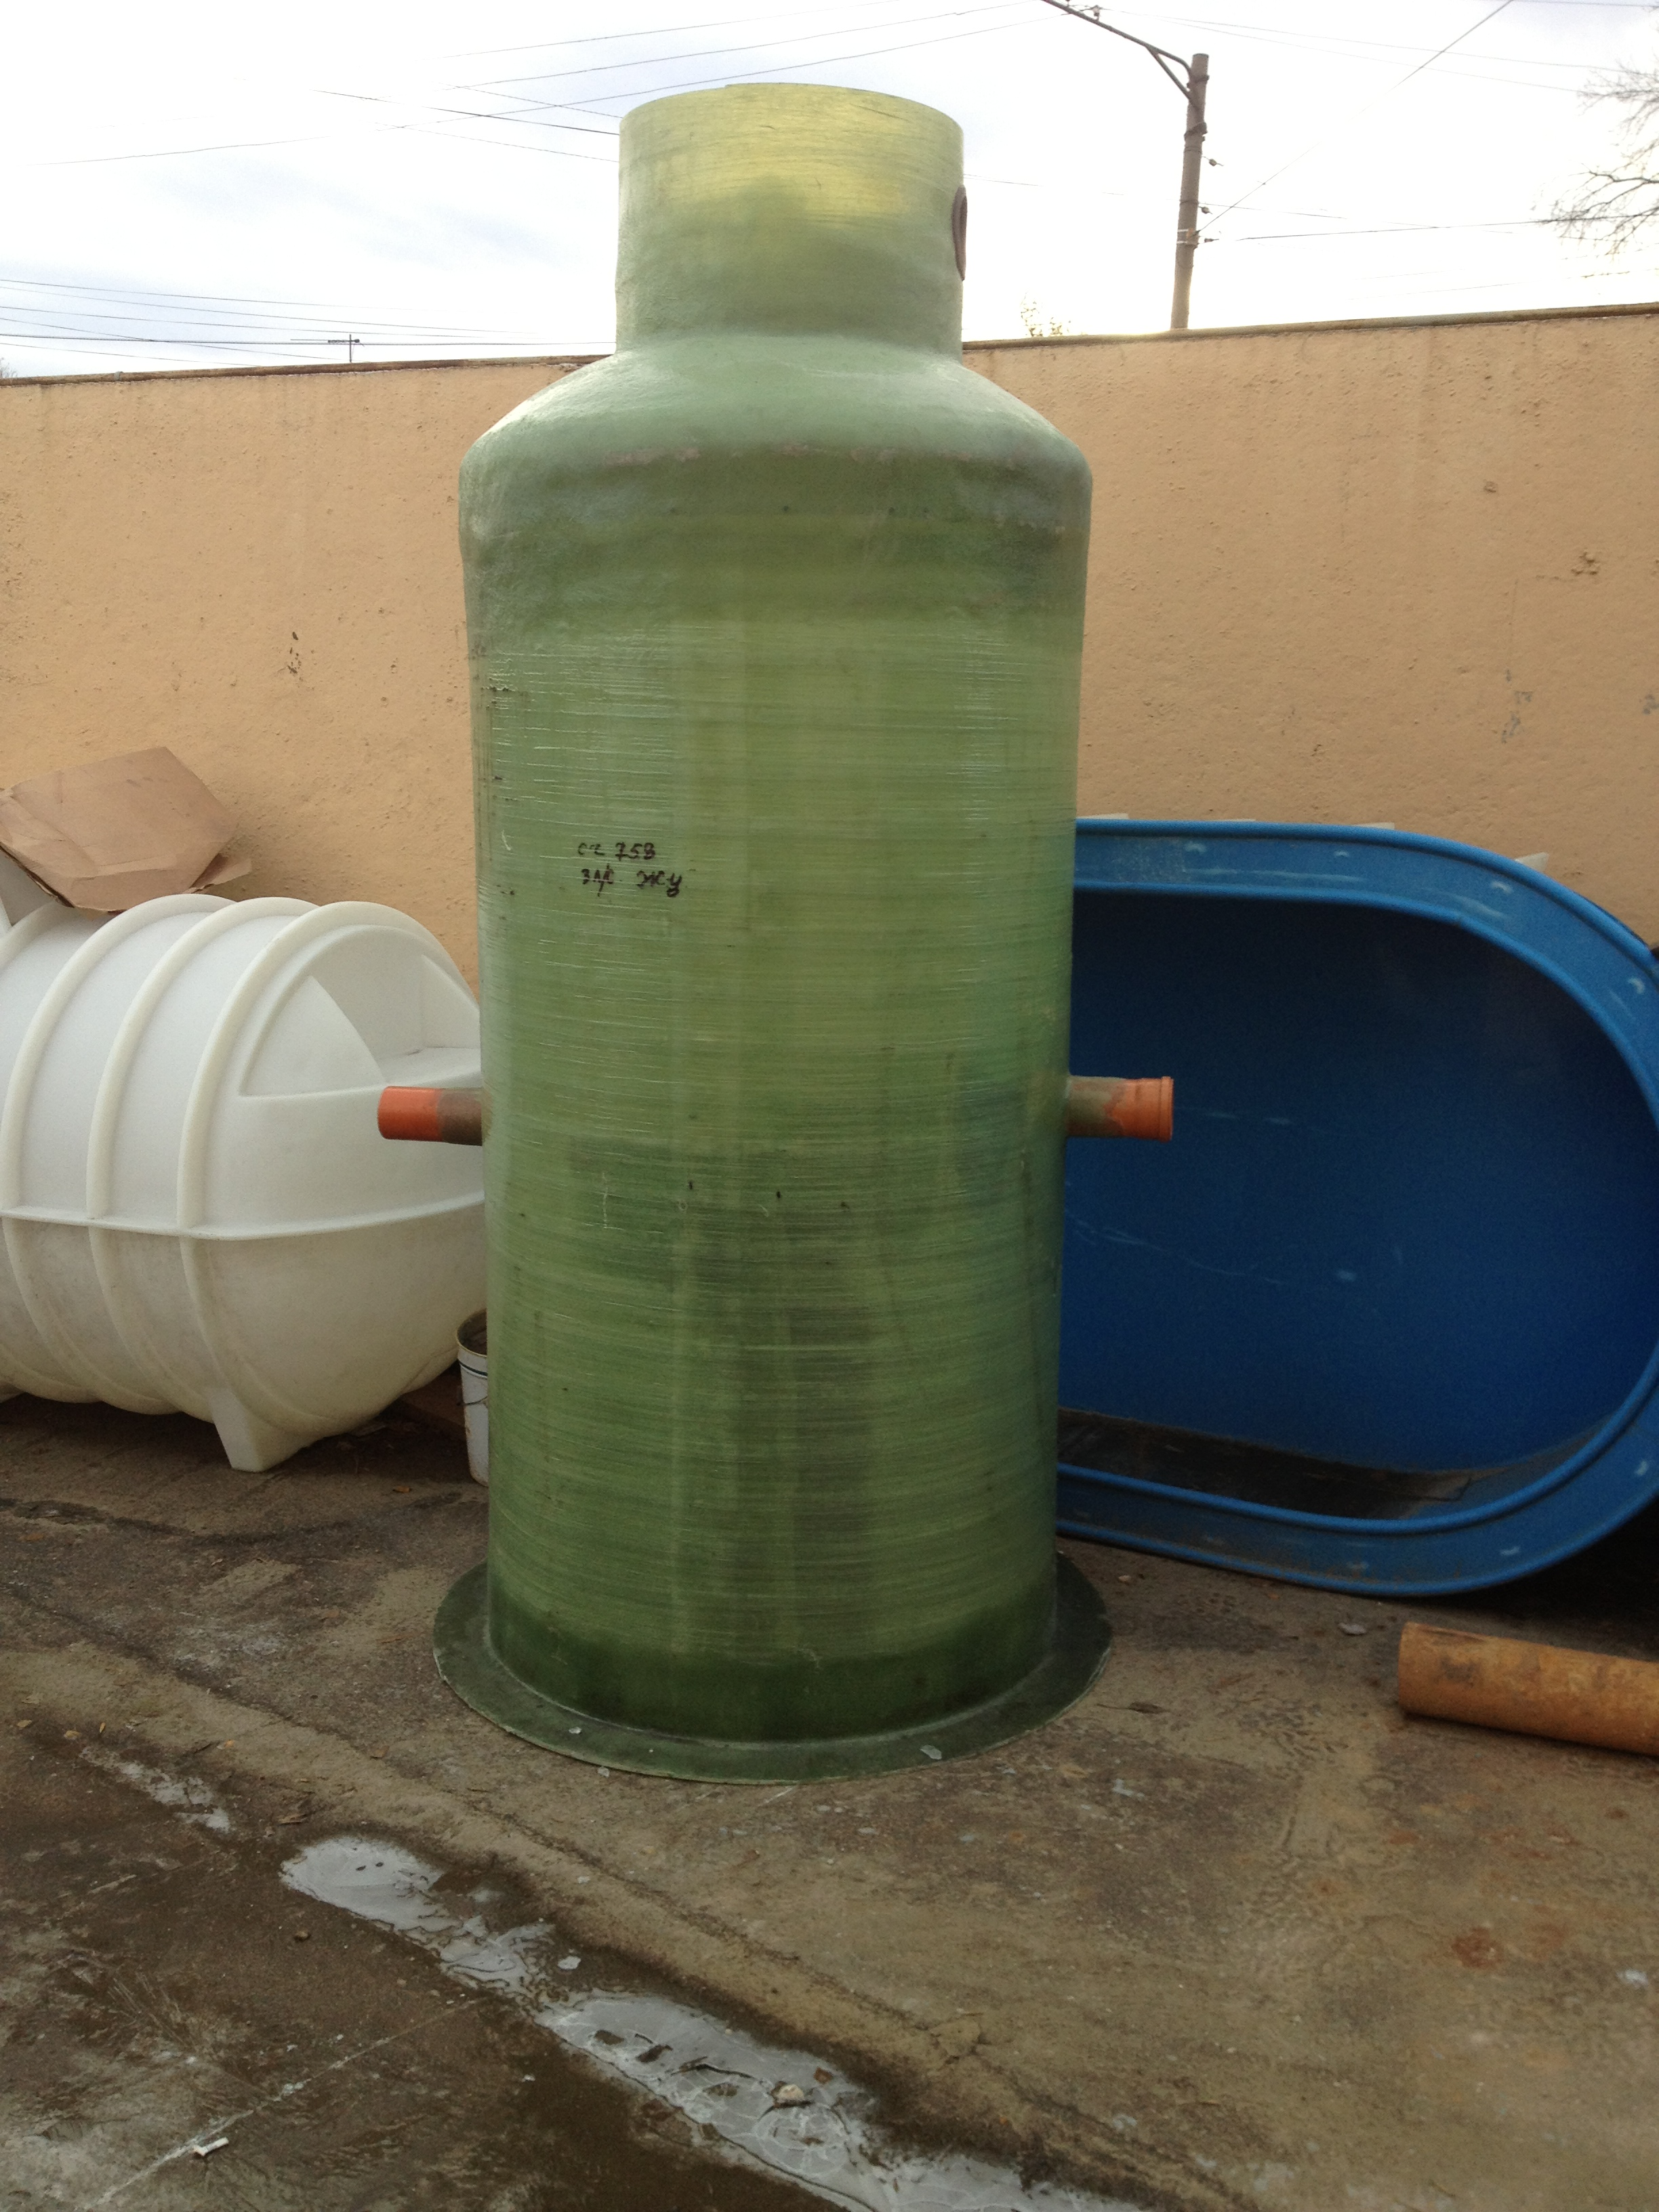 Фото №1. Промышленный жироуловитель на 3 л/с. (Вид 1)